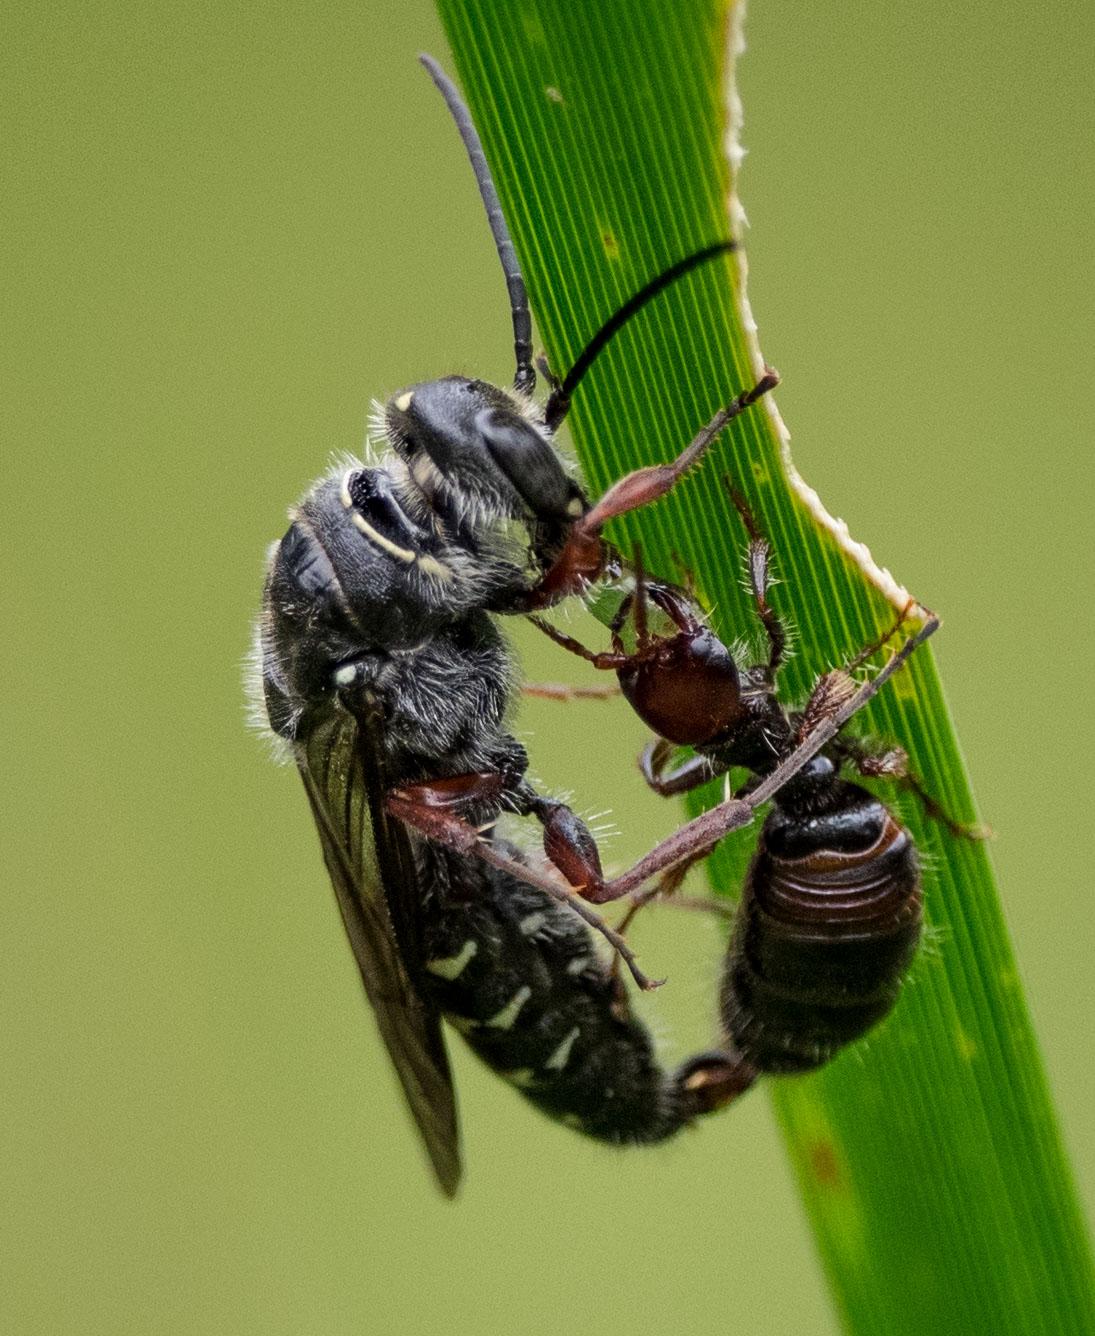 Flower wasps